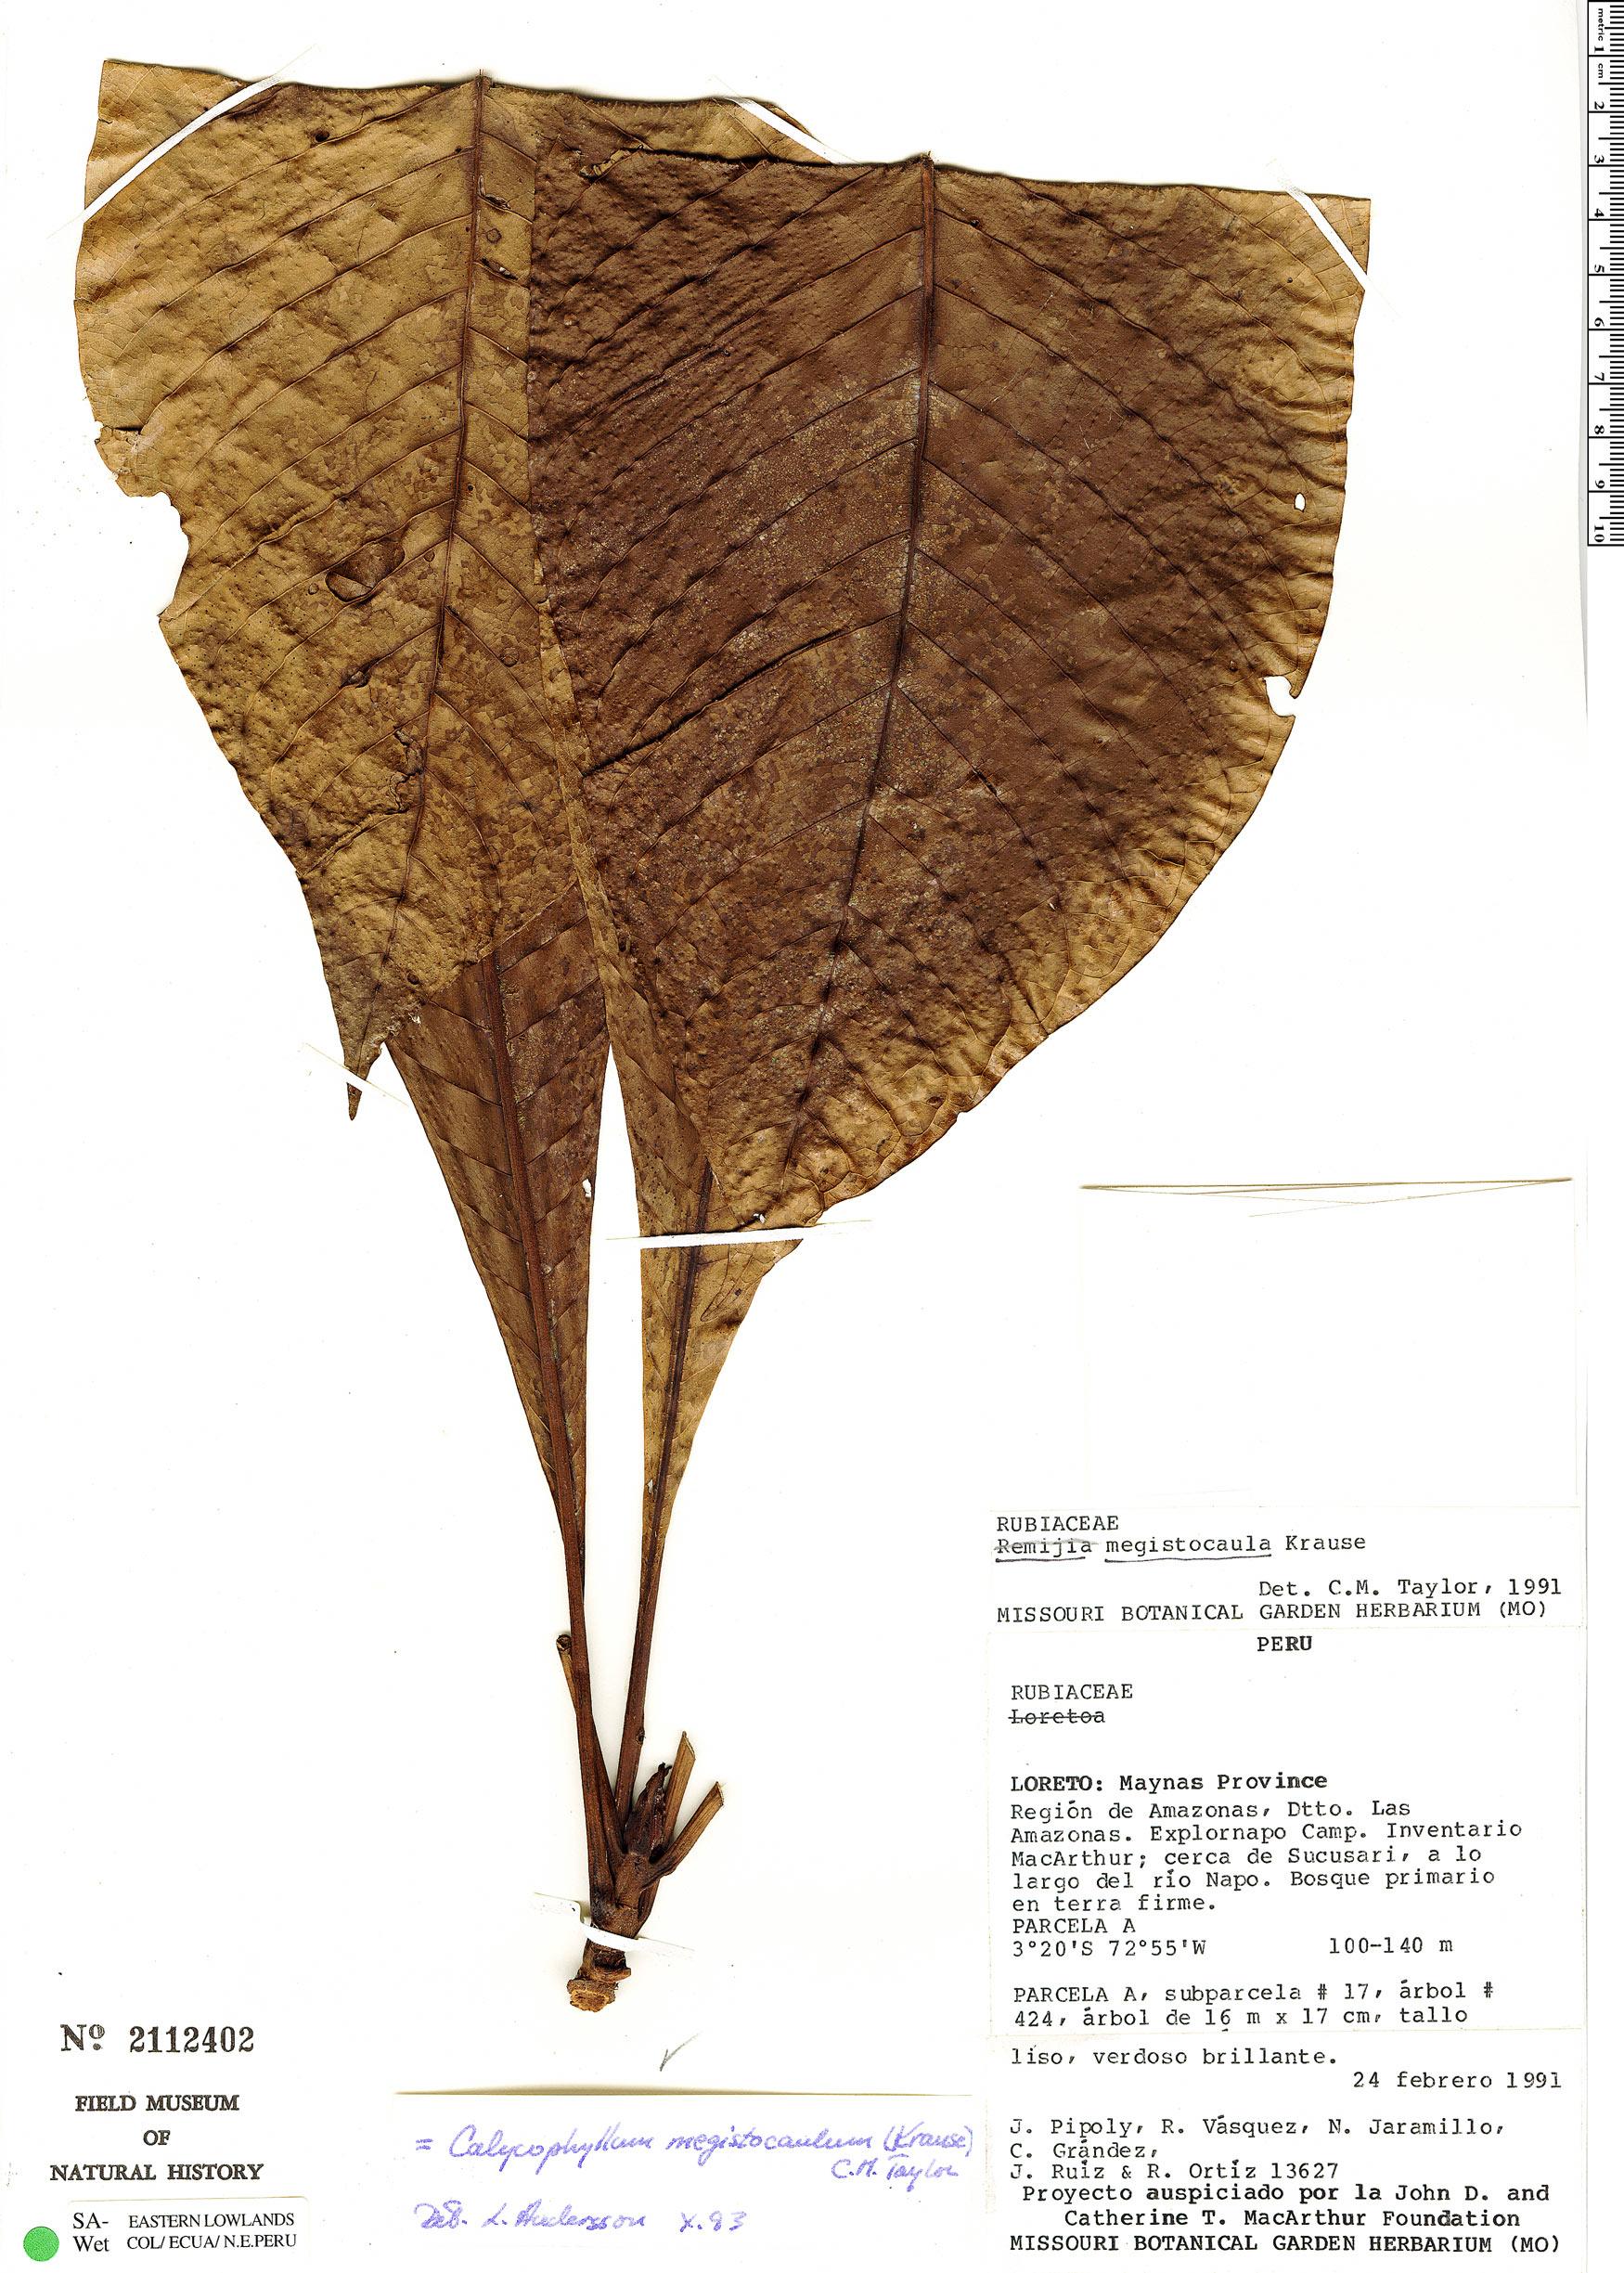 Specimen: Calycophyllum megistocaulum